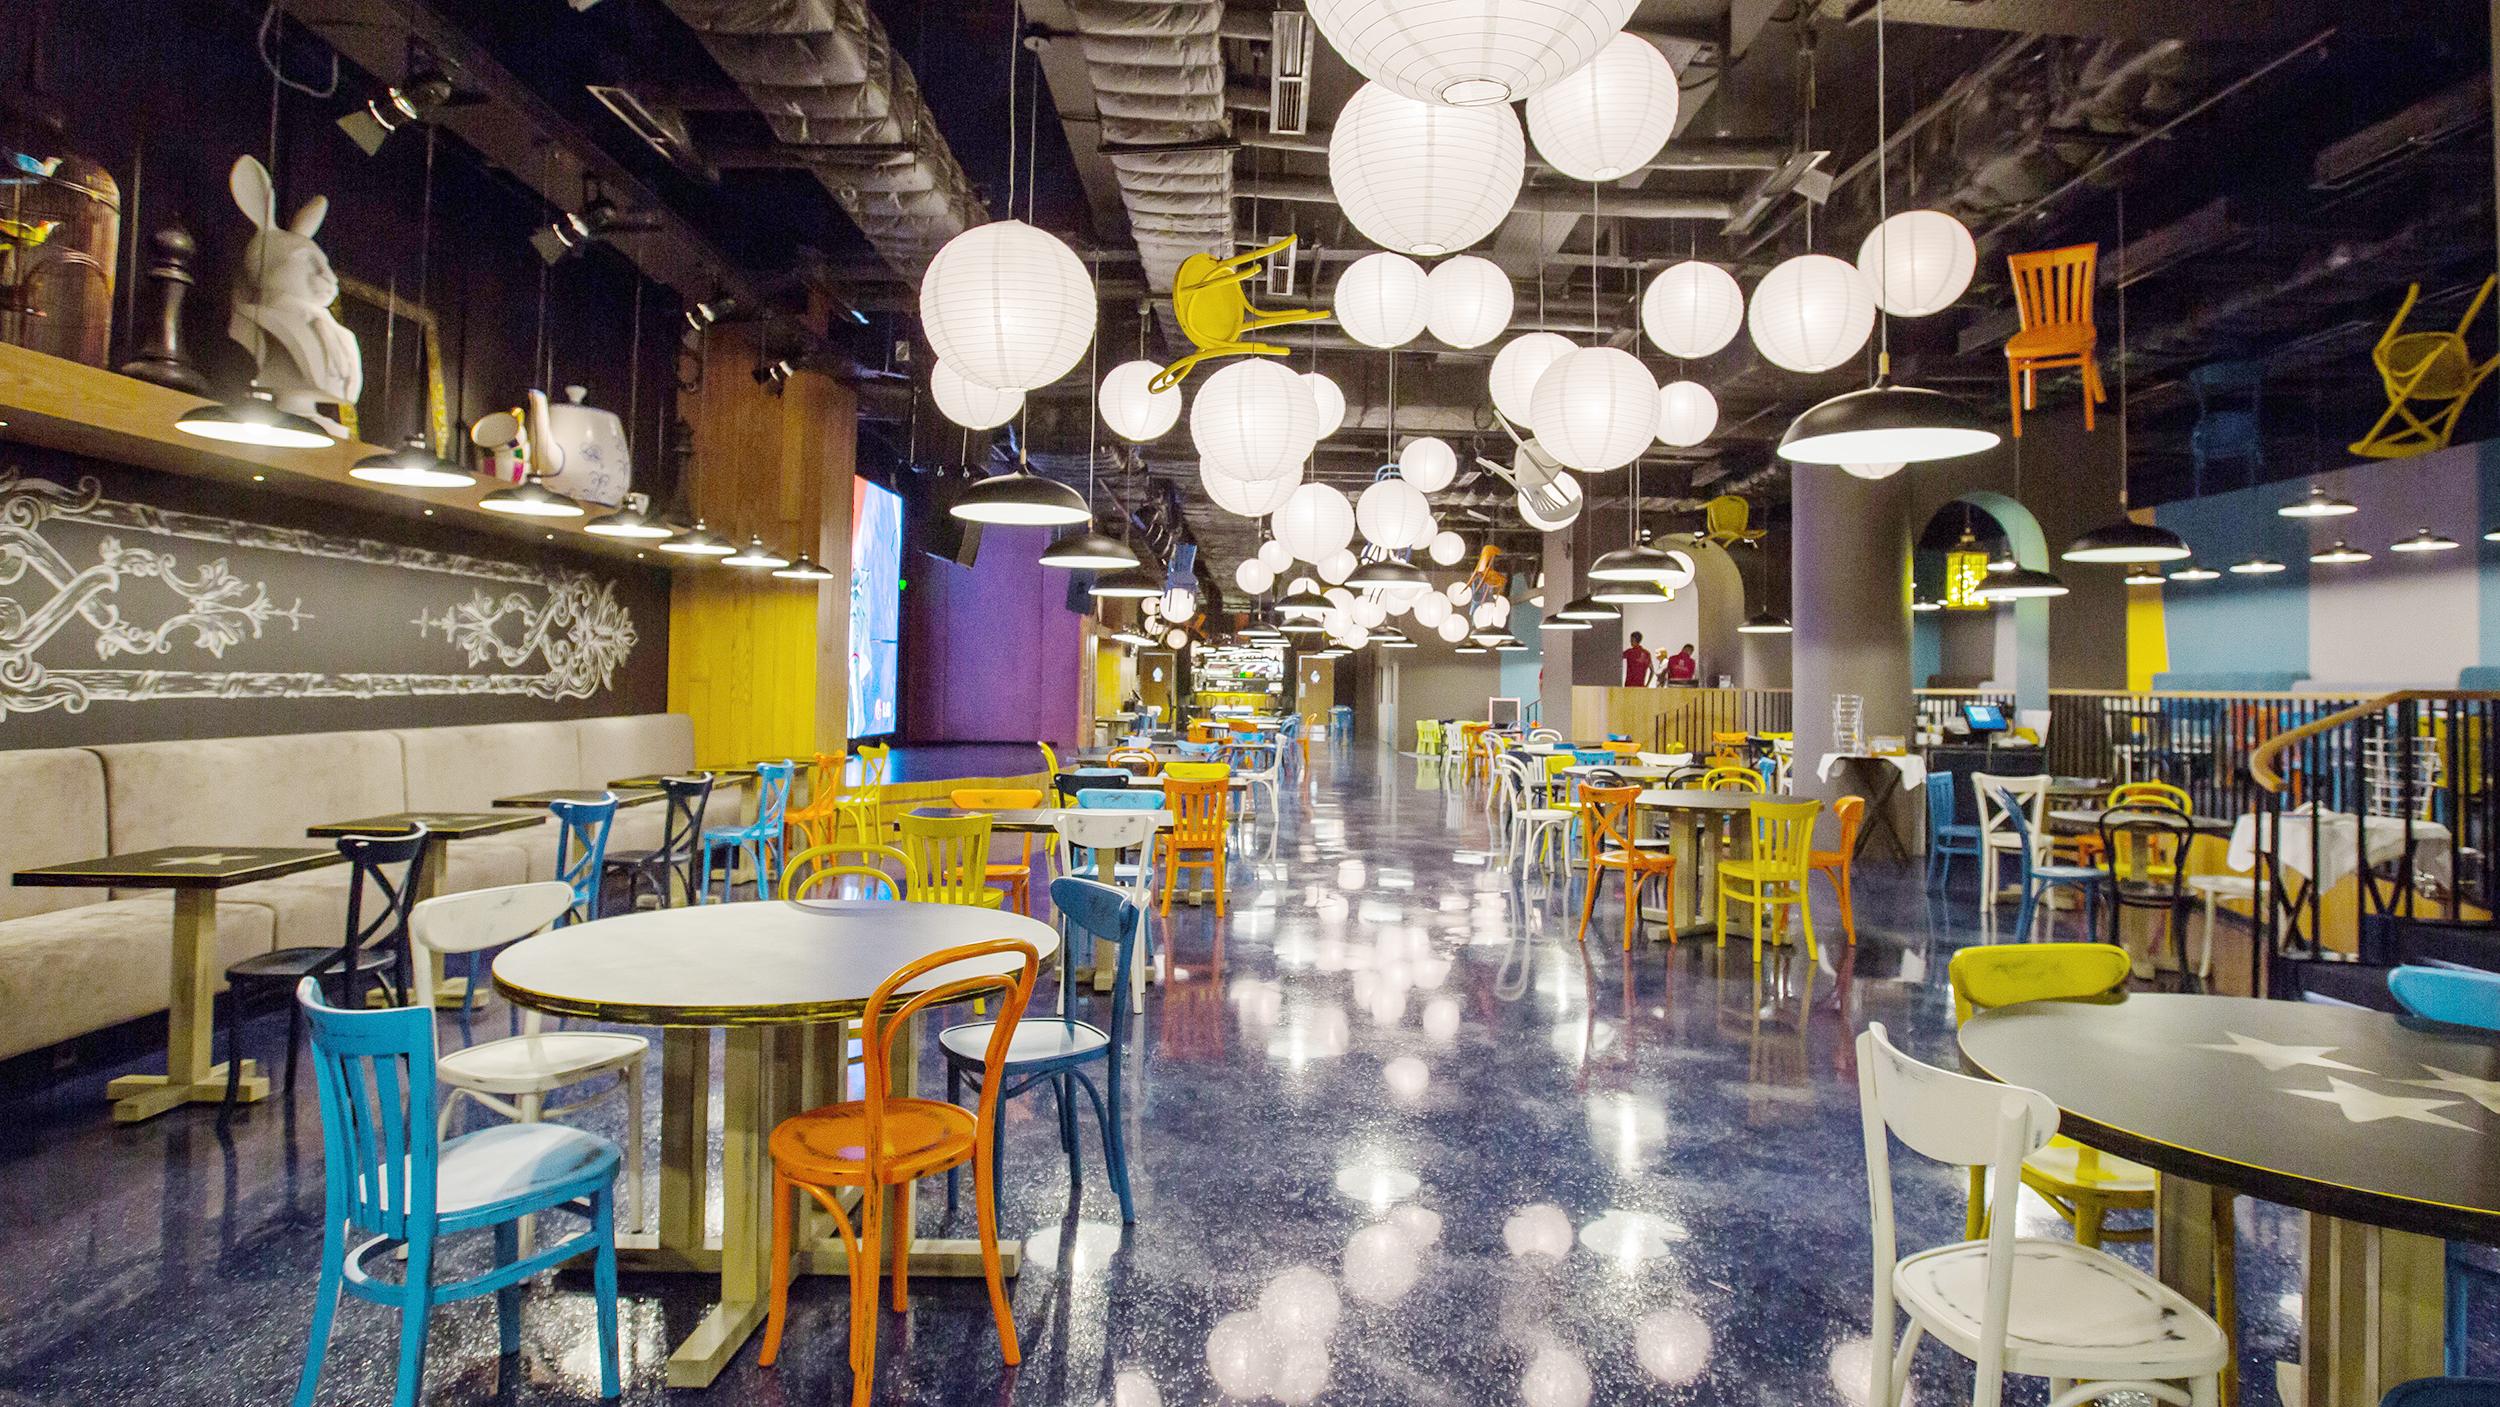 Ресторан У дяди Макса. Москва 66-й км МКАД, пересечение с Волоколамским ш., ТРЦ «Vegas Крокус-сити», 4 этаж